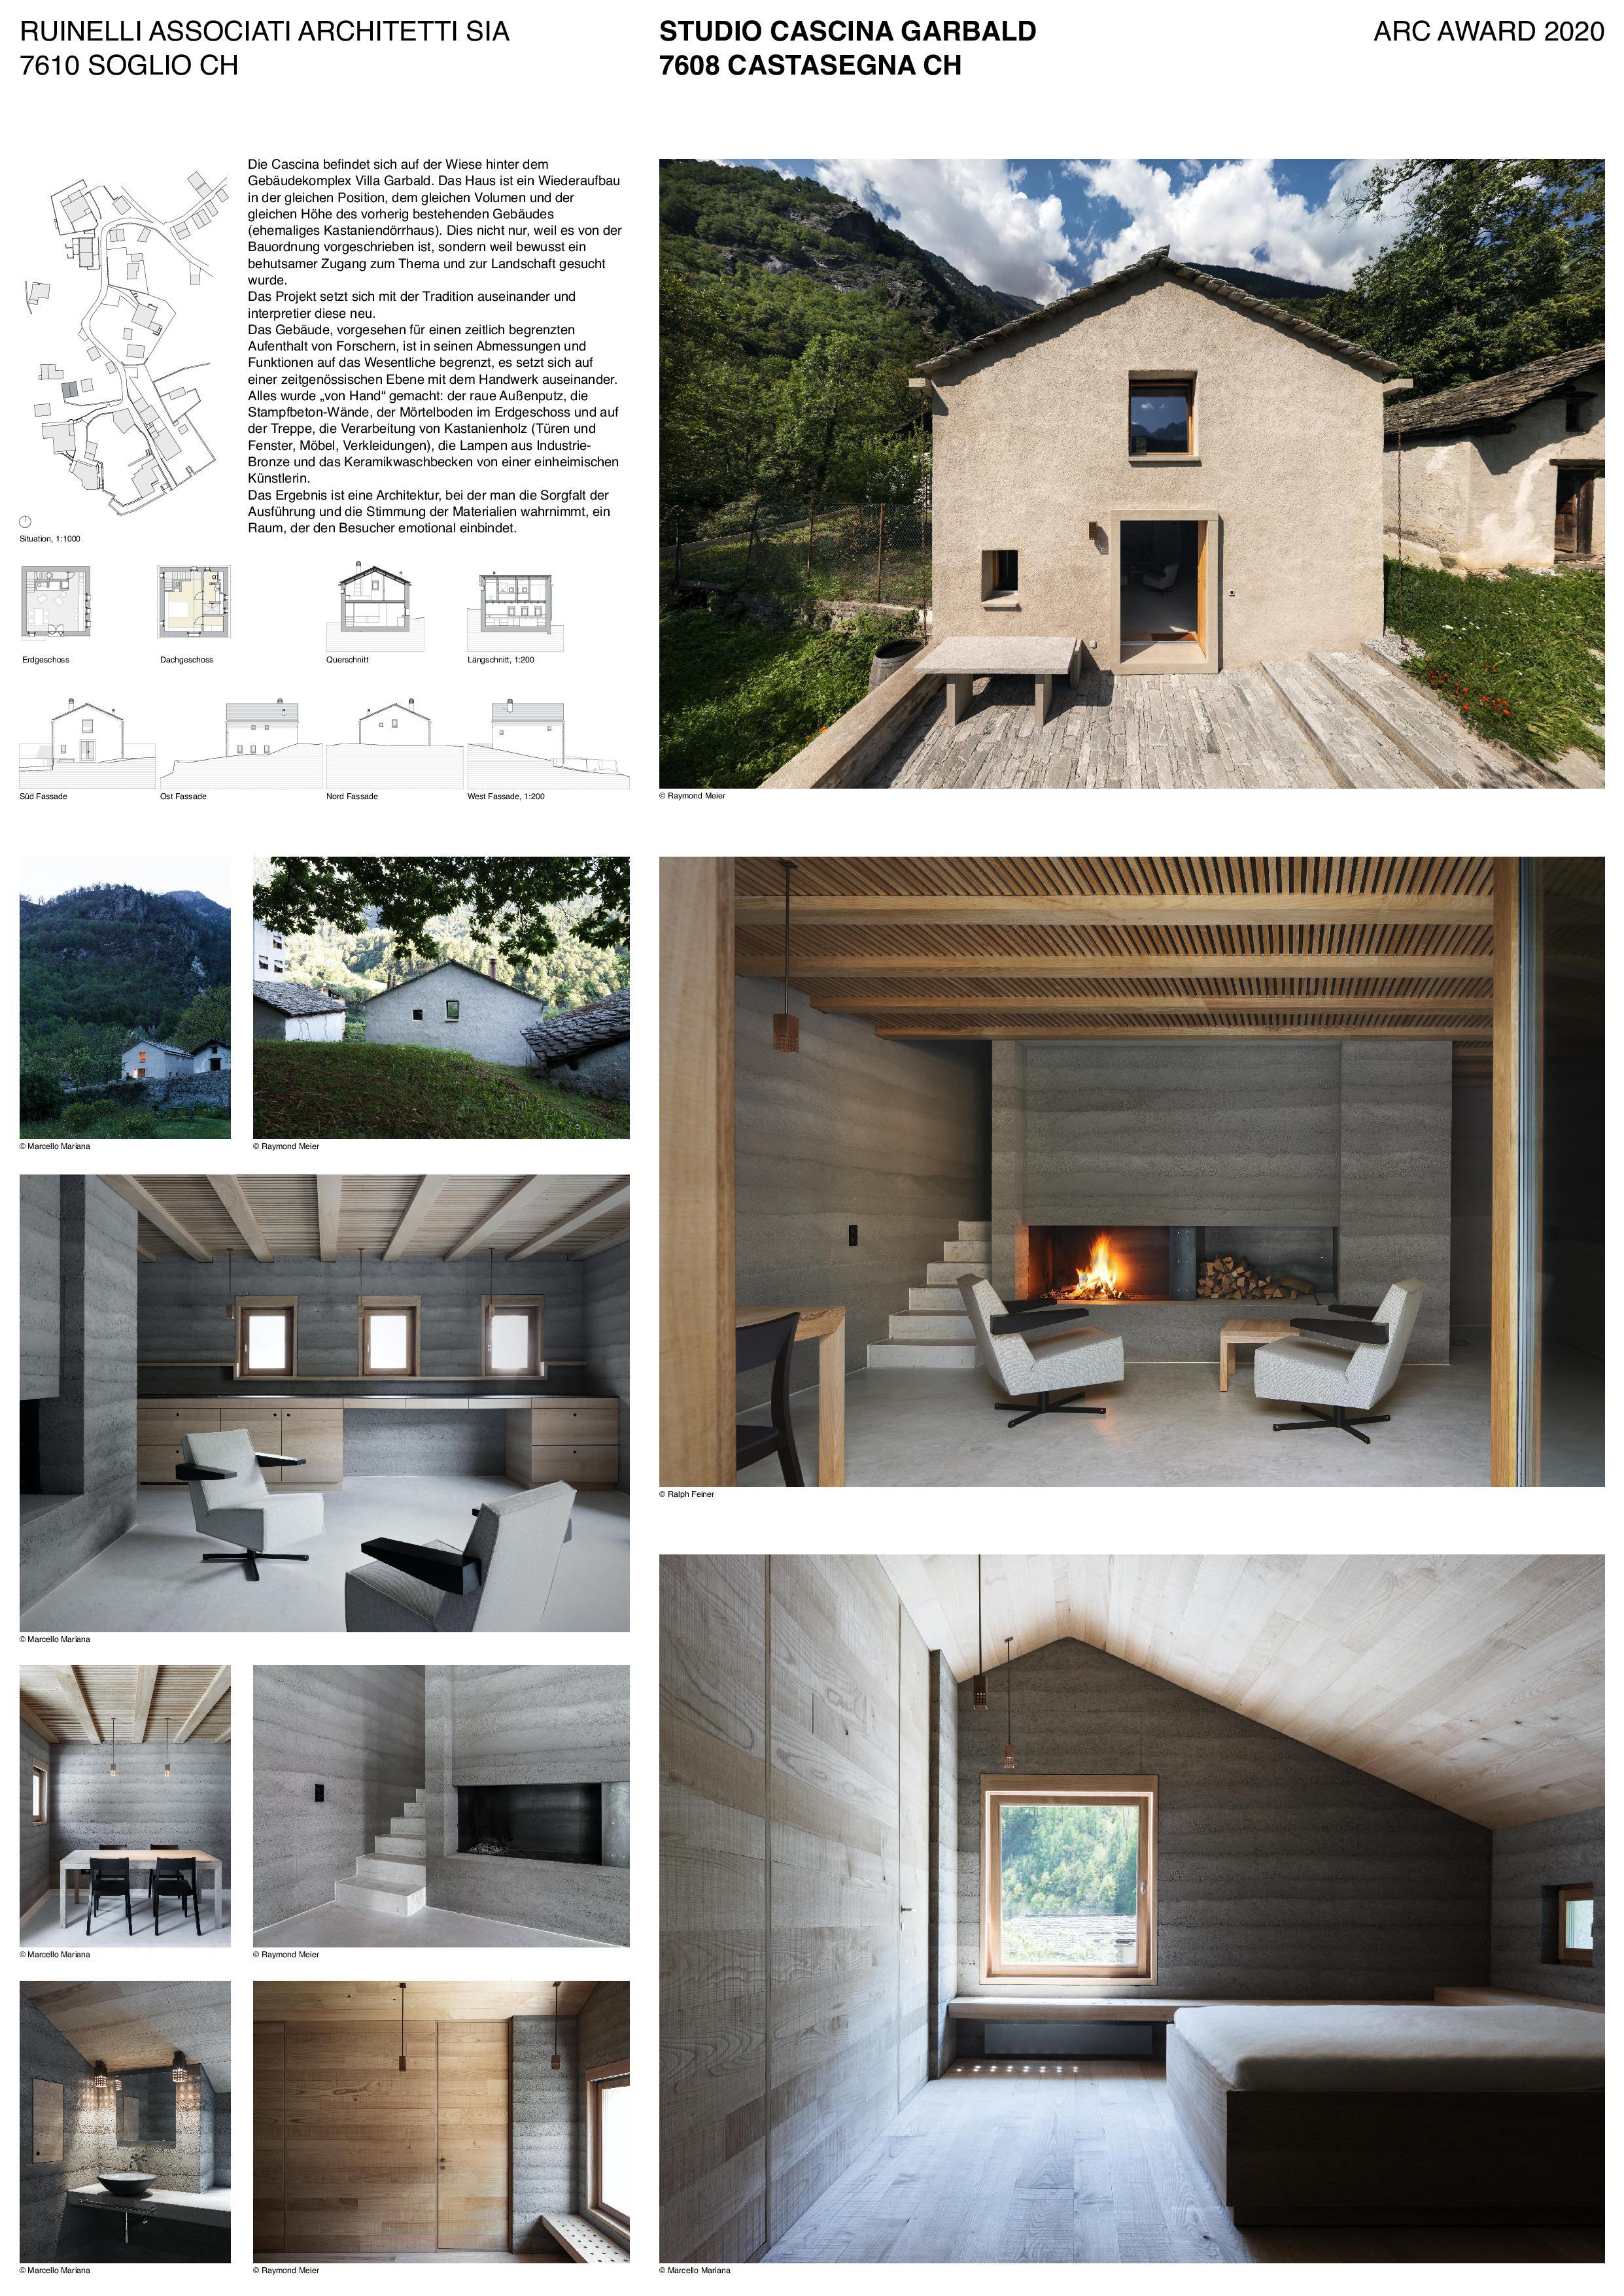 Affiche A0 Studio Cascina Garbald (scientist in residence) de Architetti SIA<br/>